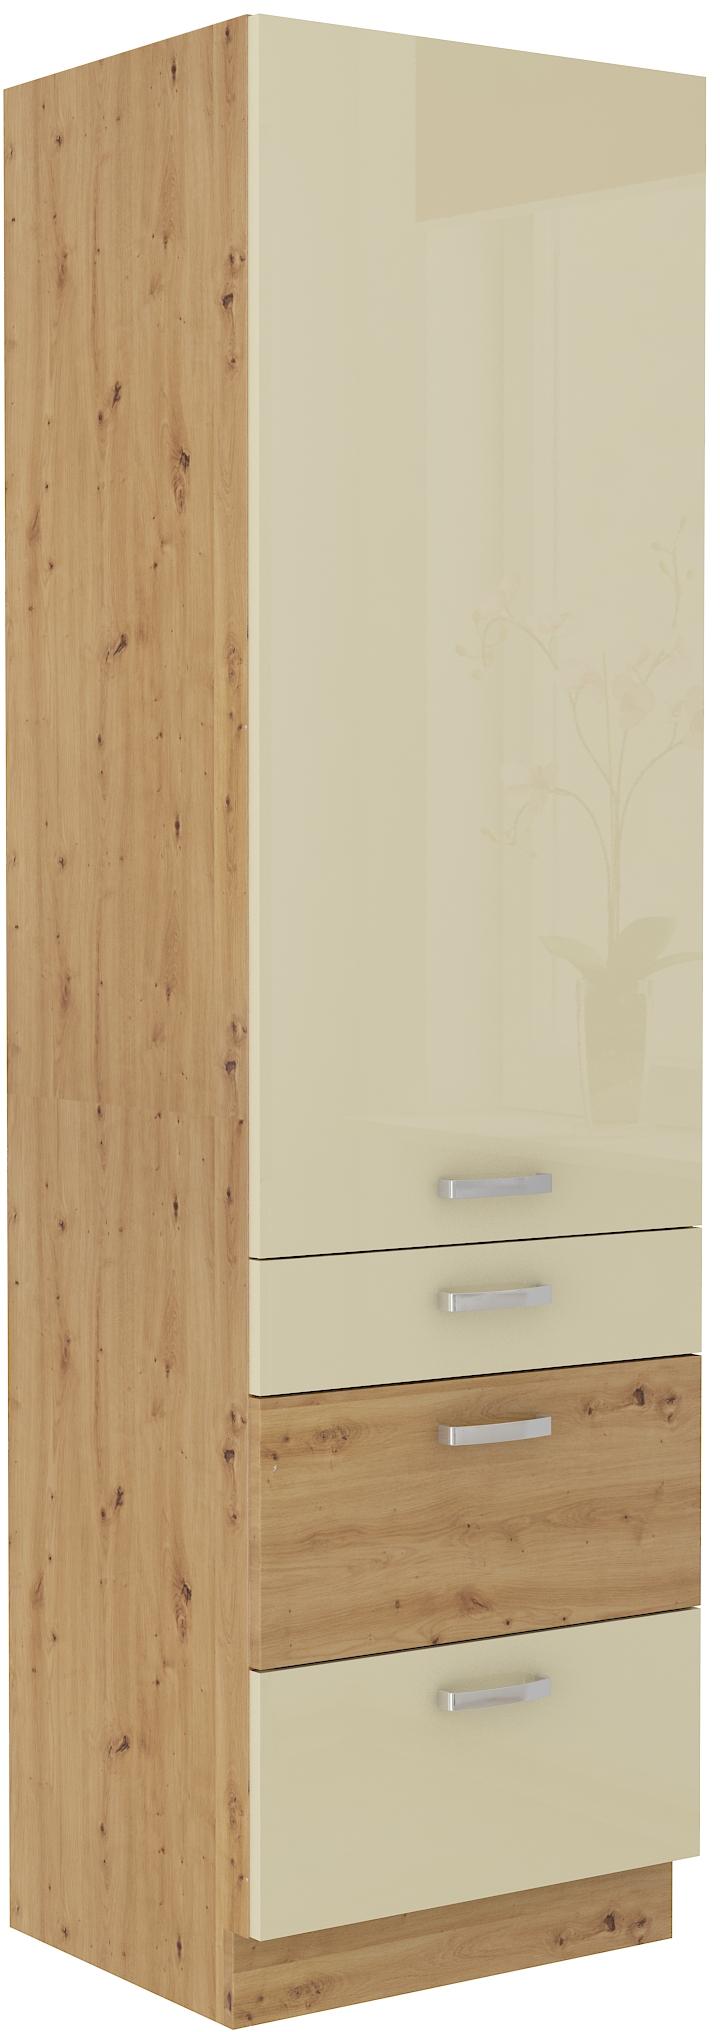 Hochschrank 60 cm / 210 cm mit Schubladen ARTISAN Creme HG